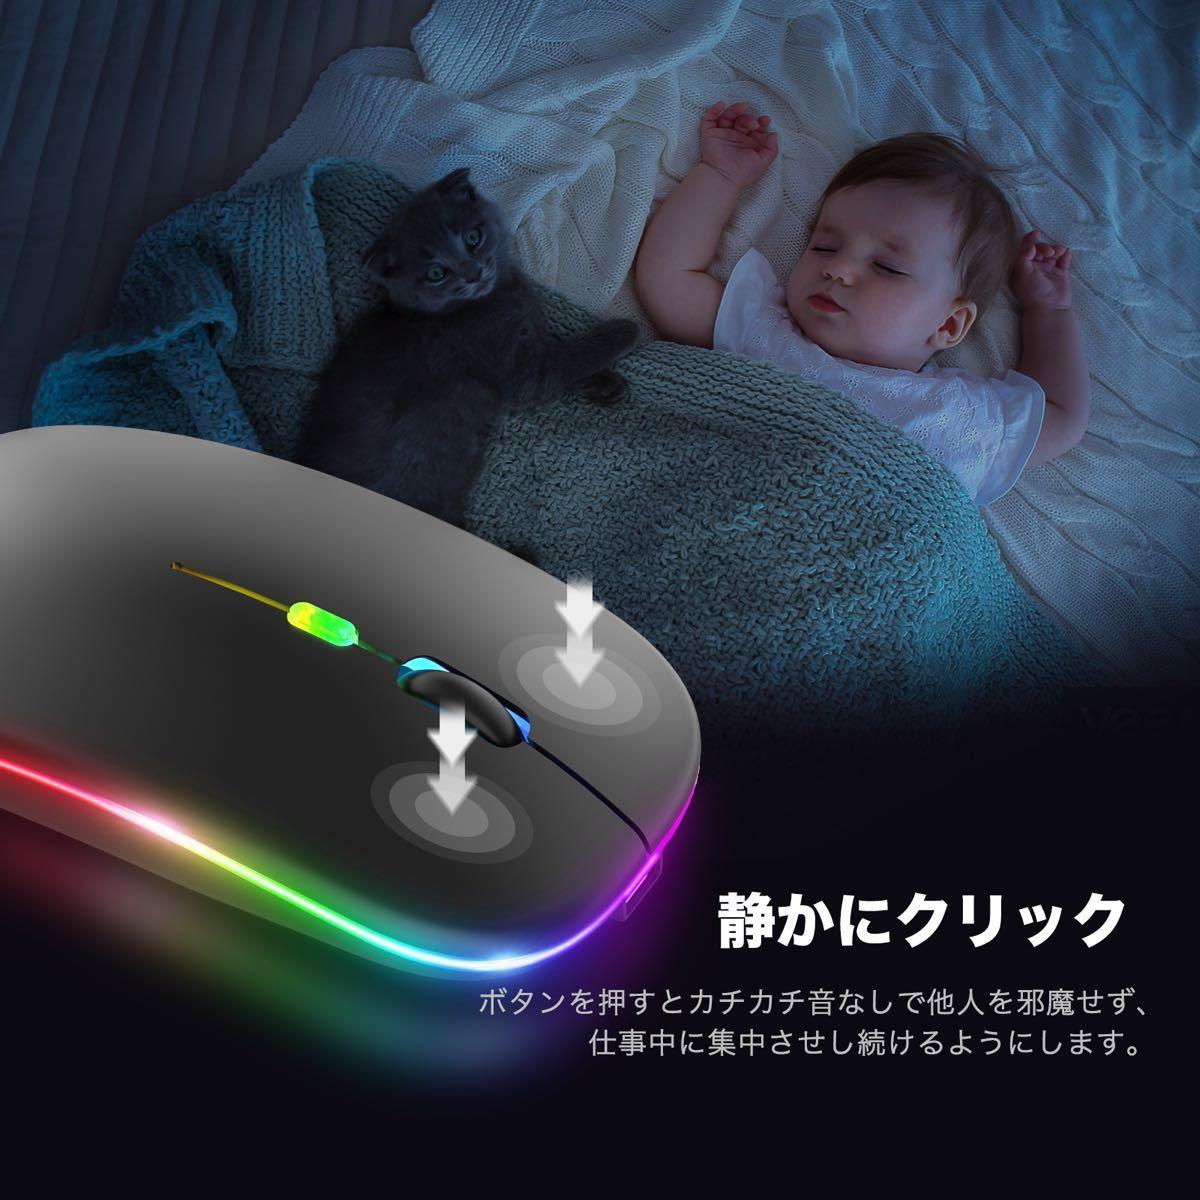 新品 ワイヤレスマウス  静音 薄型 無線マウス 充電式 光学式 高感度